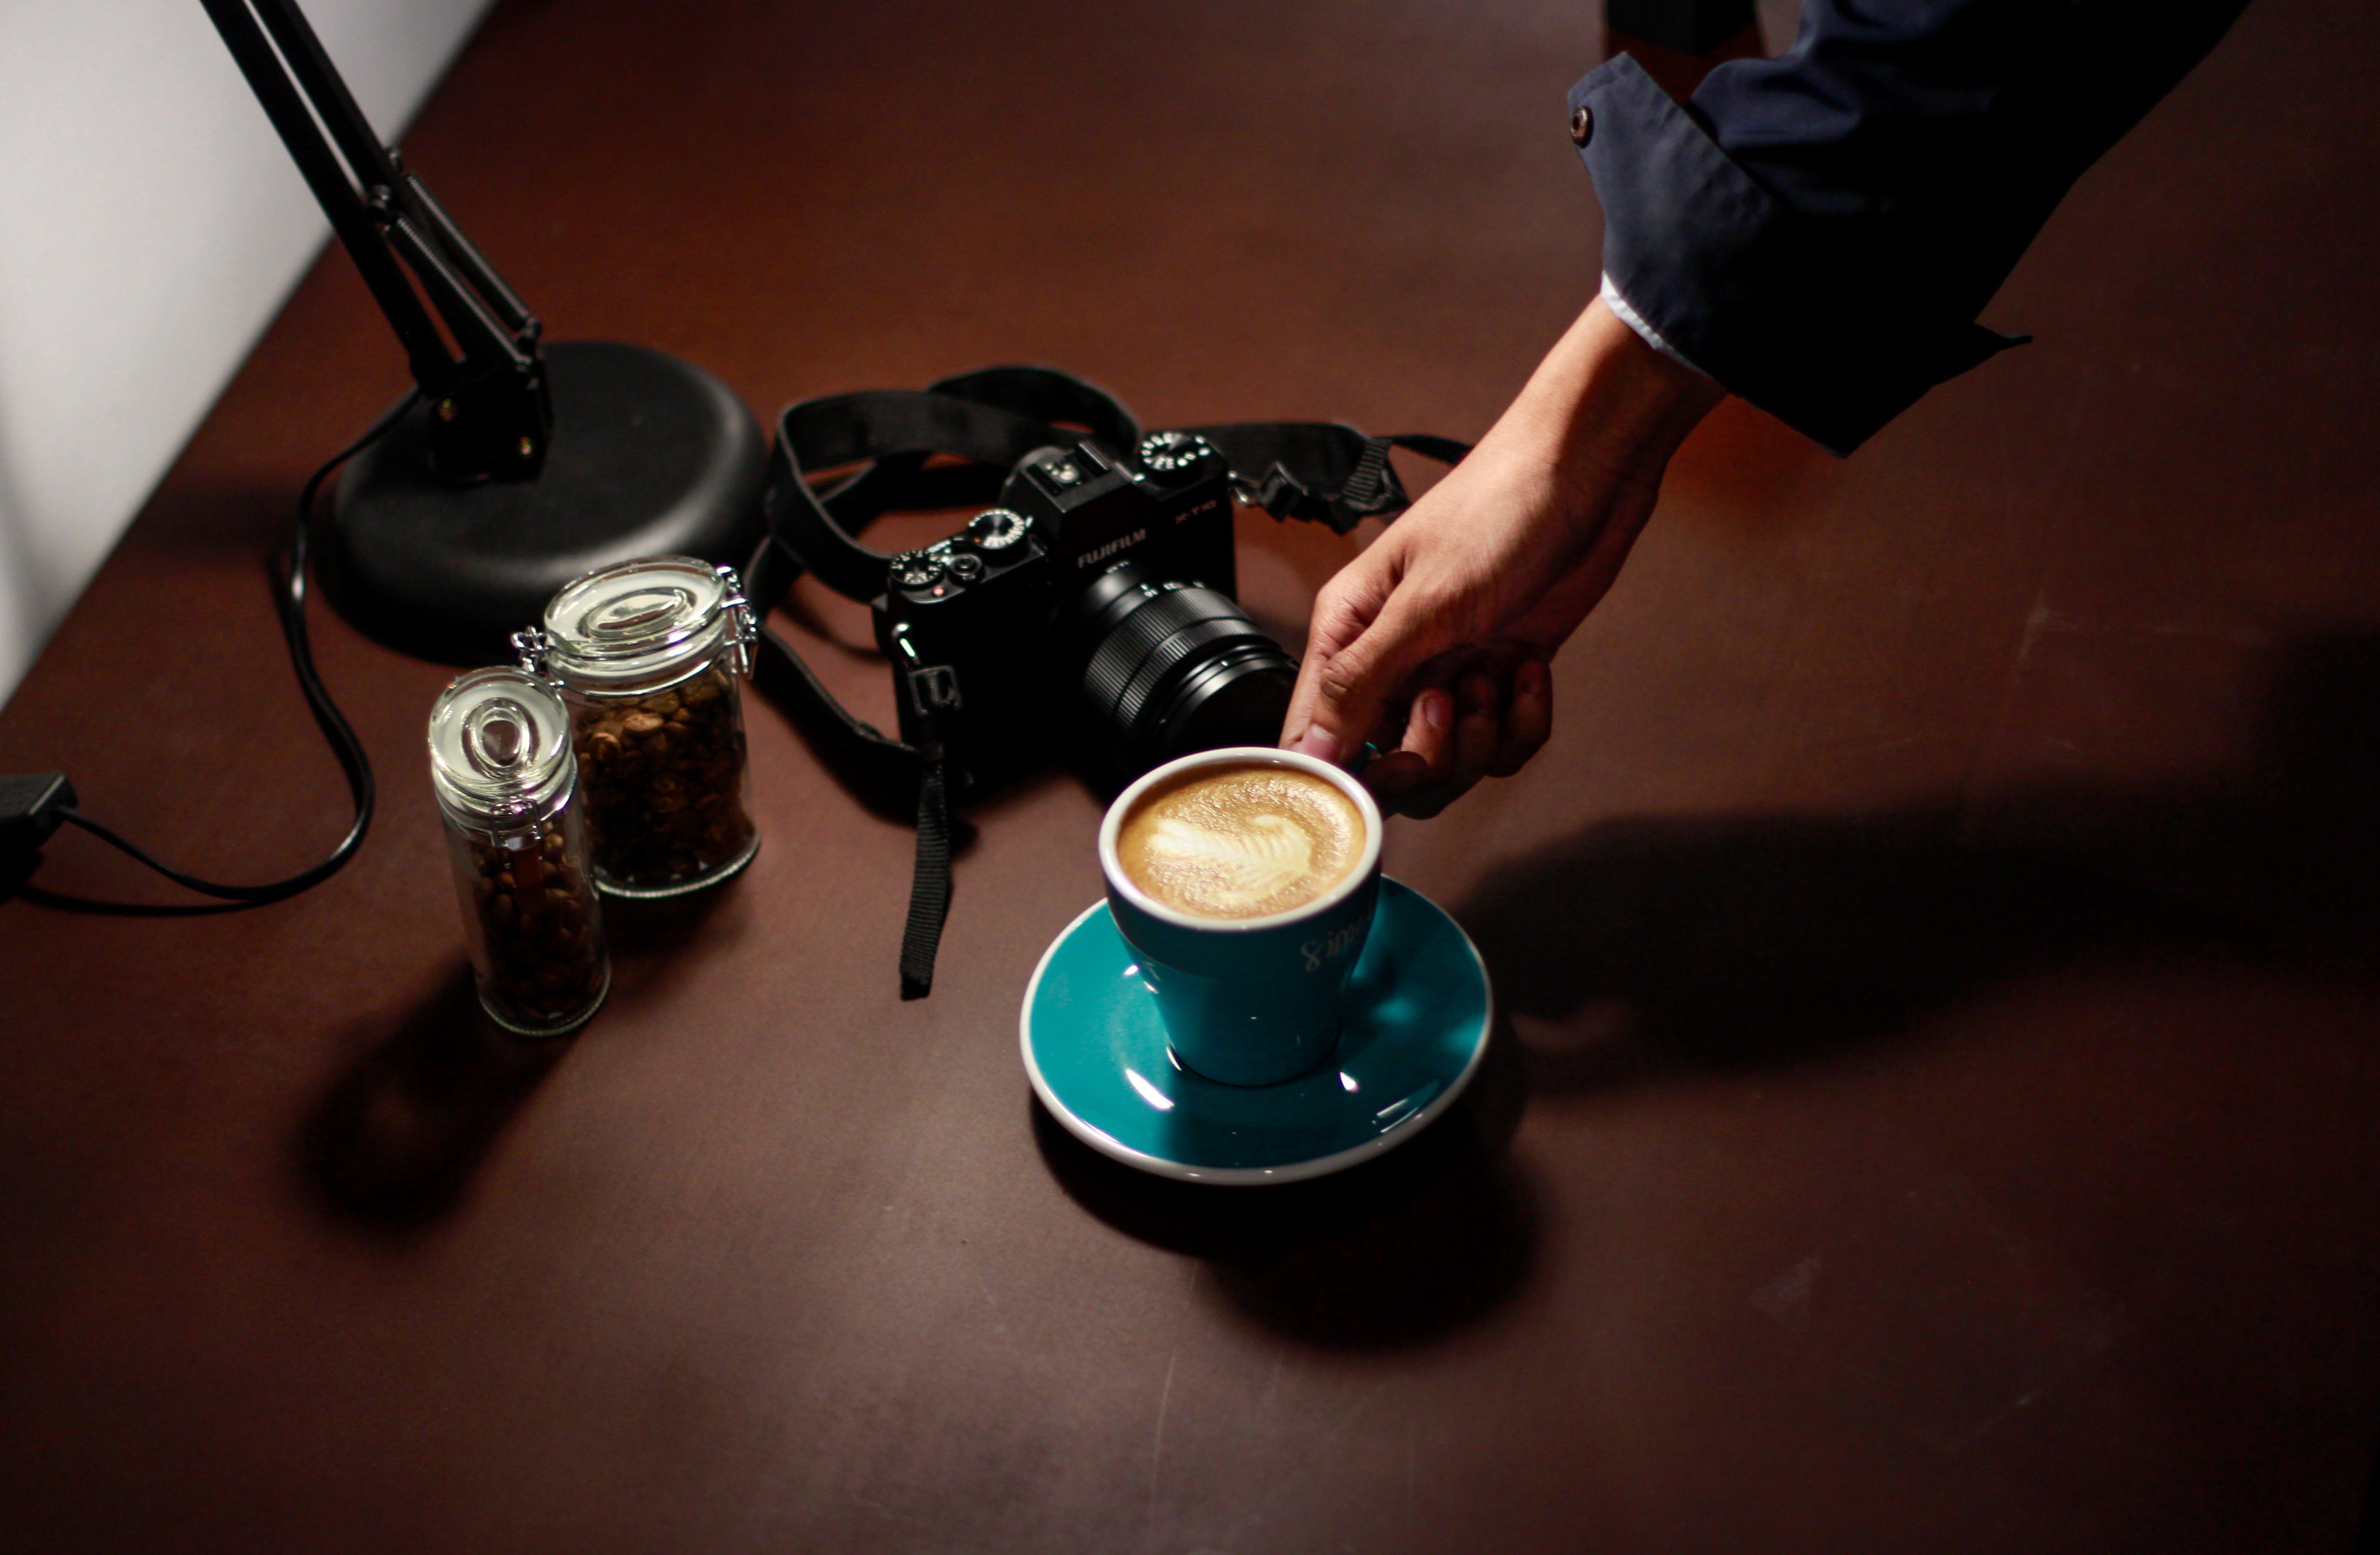 Gratis lagerfoto af hånd, kaffe, kaffebønner, kamera